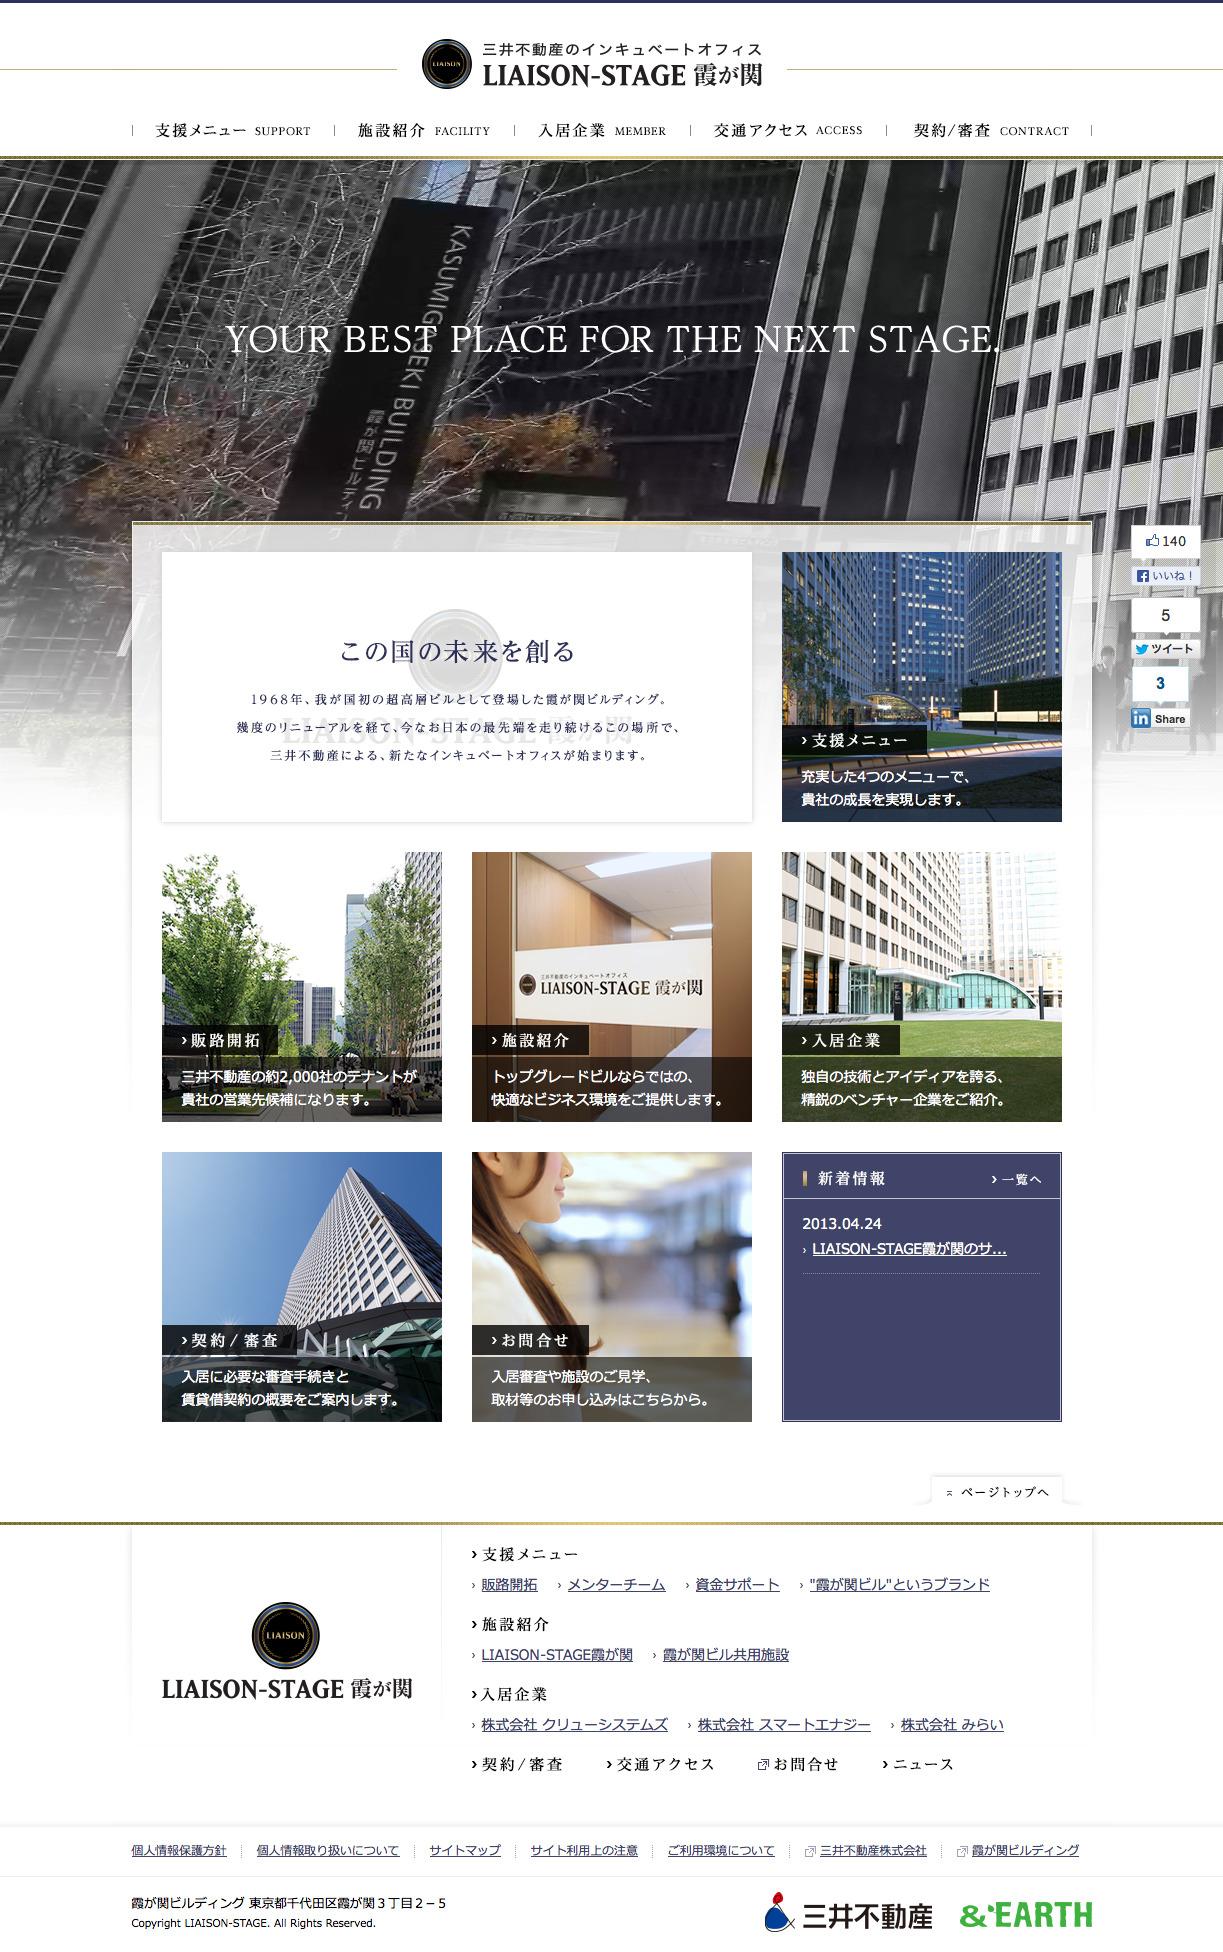 LIAISON-STAGE霞が関|三井不動産のインキュベートオフィス